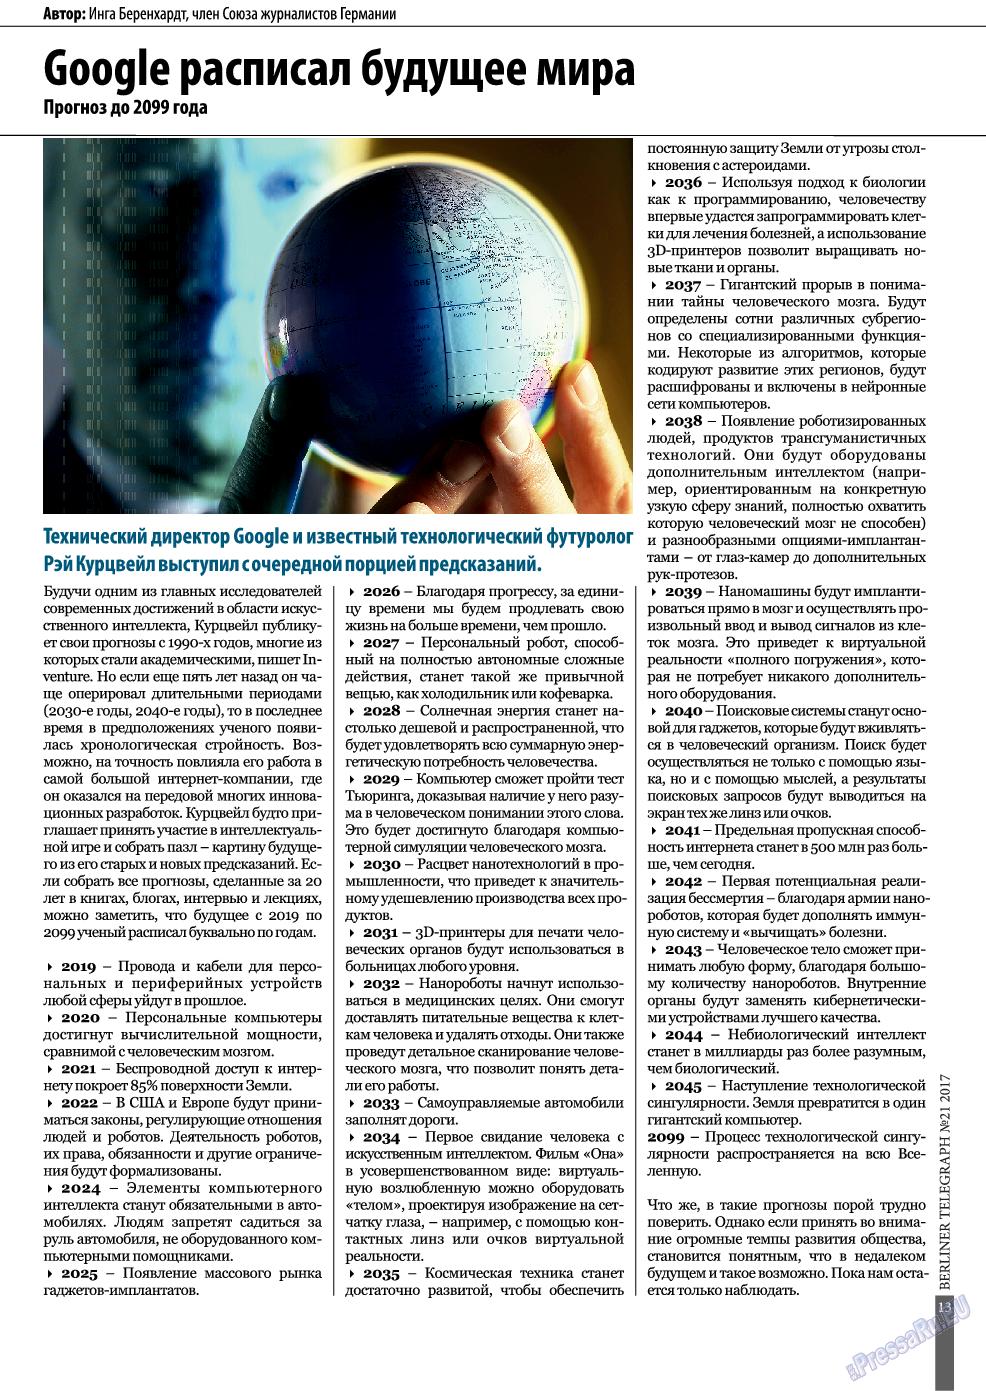 Берлинский телеграф (журнал). 2017 год, номер 21, стр. 13